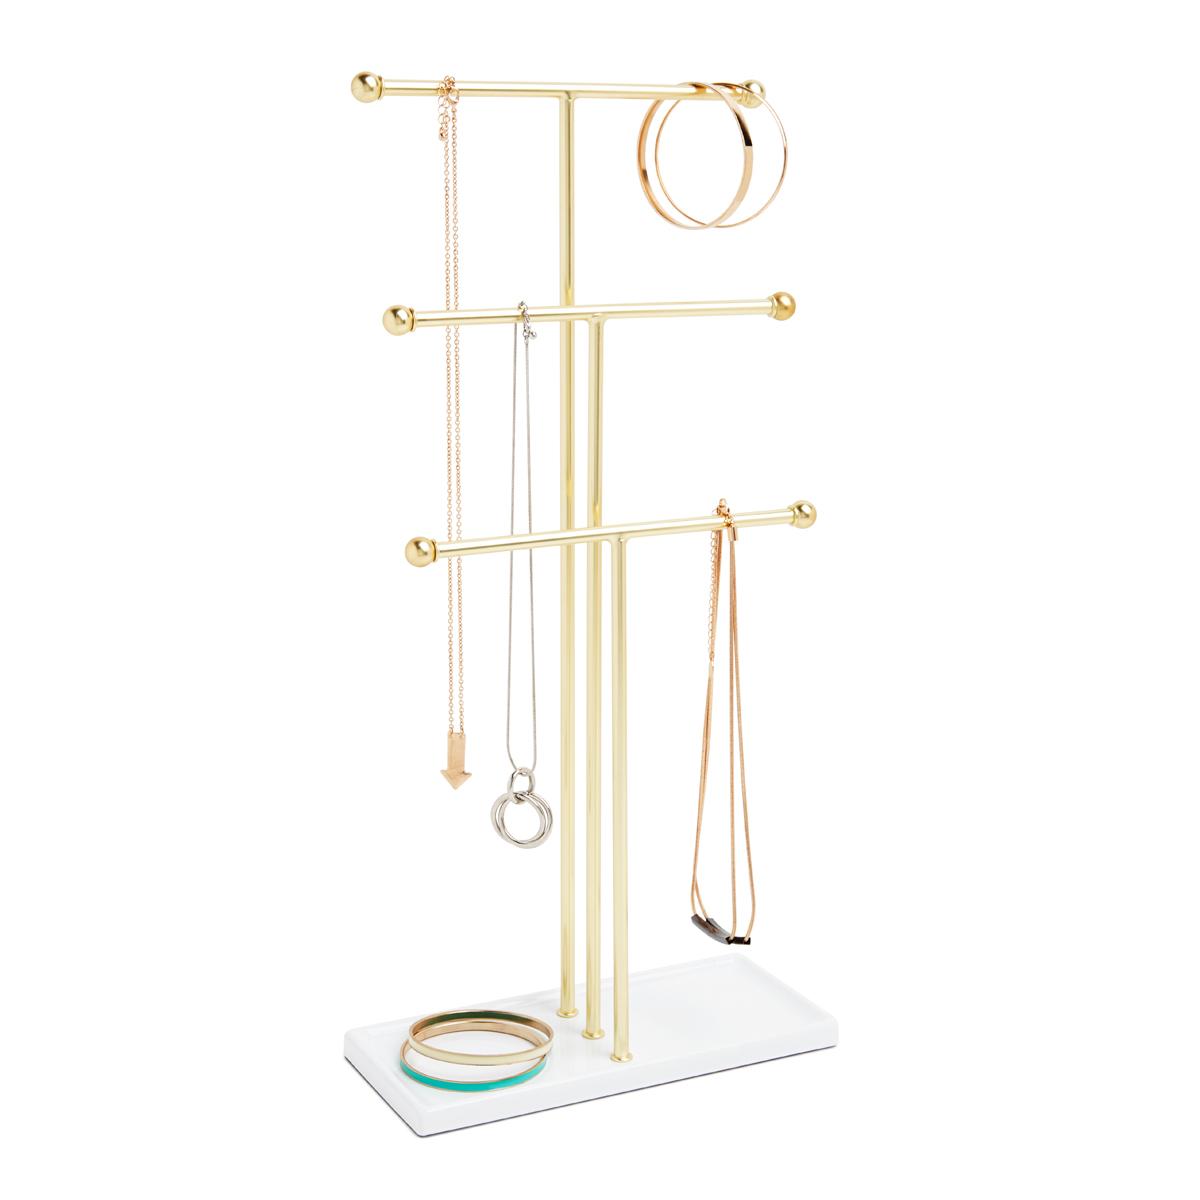 Органайзер для украшений Umbra Trigem74-0060Высокотехнологично и высокофункционально: трехъярусный держатель для украшений продуман для мелочей. Самый высокий - для бус, средний - для длинных сережек и цепочек, малый - для браслетов, сережек, колец. Плюс подставка держателя как дополнительное пространство для часов или клипс.Если ваши украшения хранятся в коробке или еще хуже - валяются в ящике стола, то самое время организовать их!